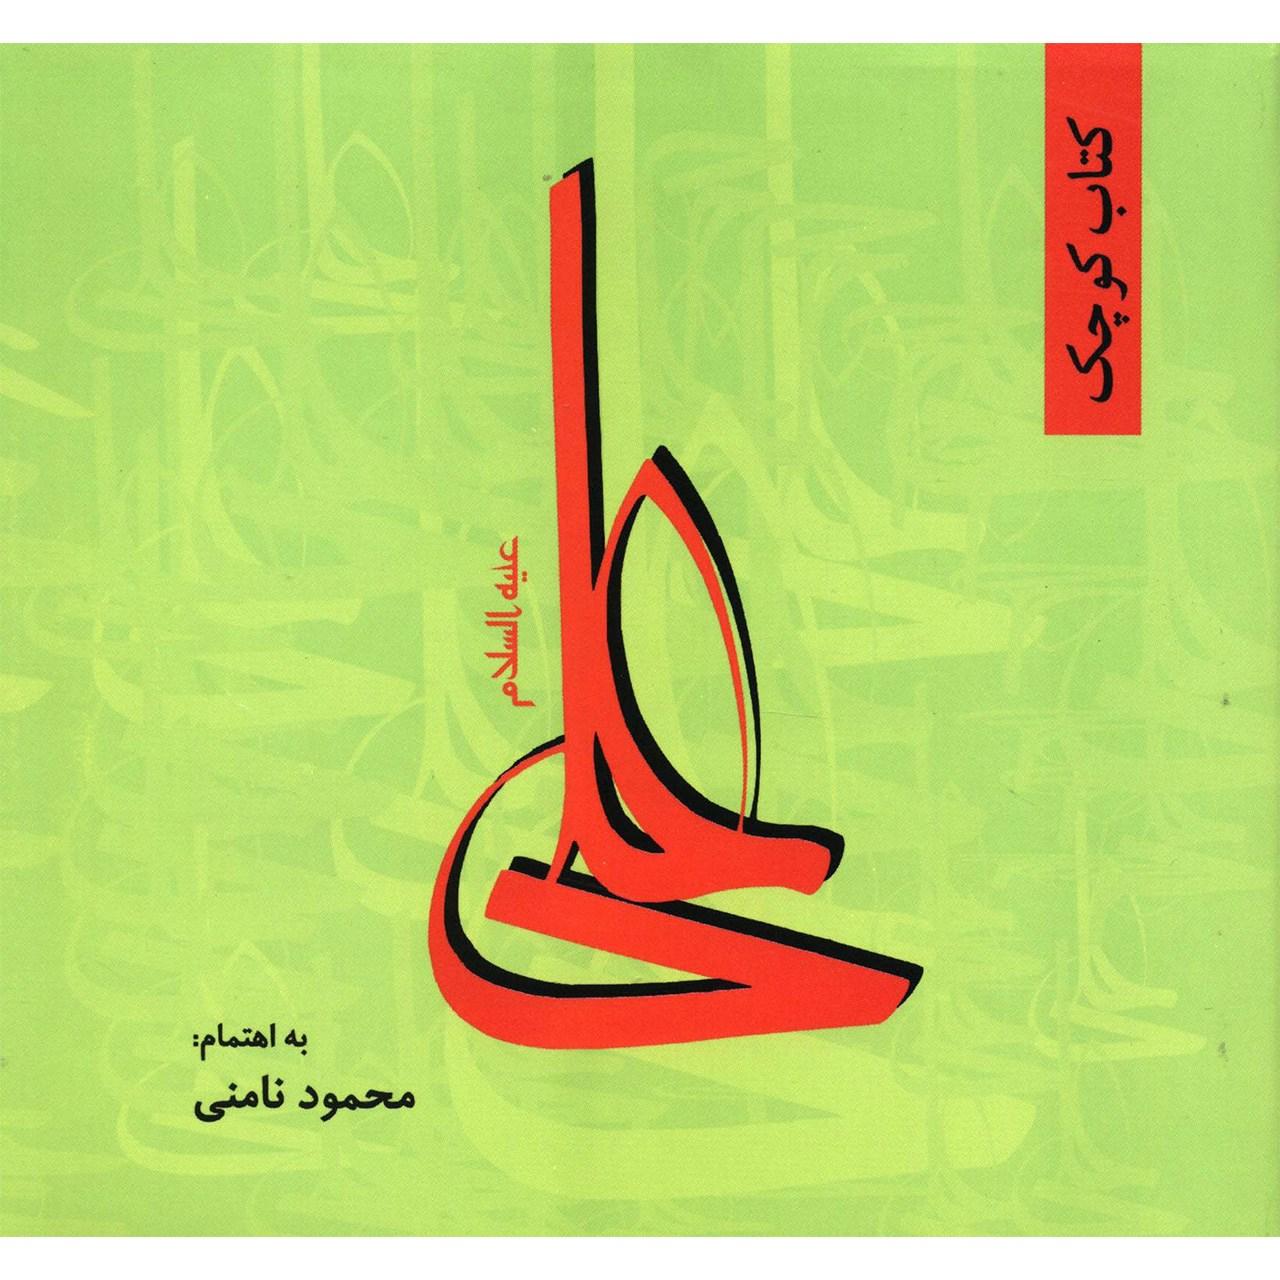 کتاب کوچک علی (ع) اثر محمود نامنی